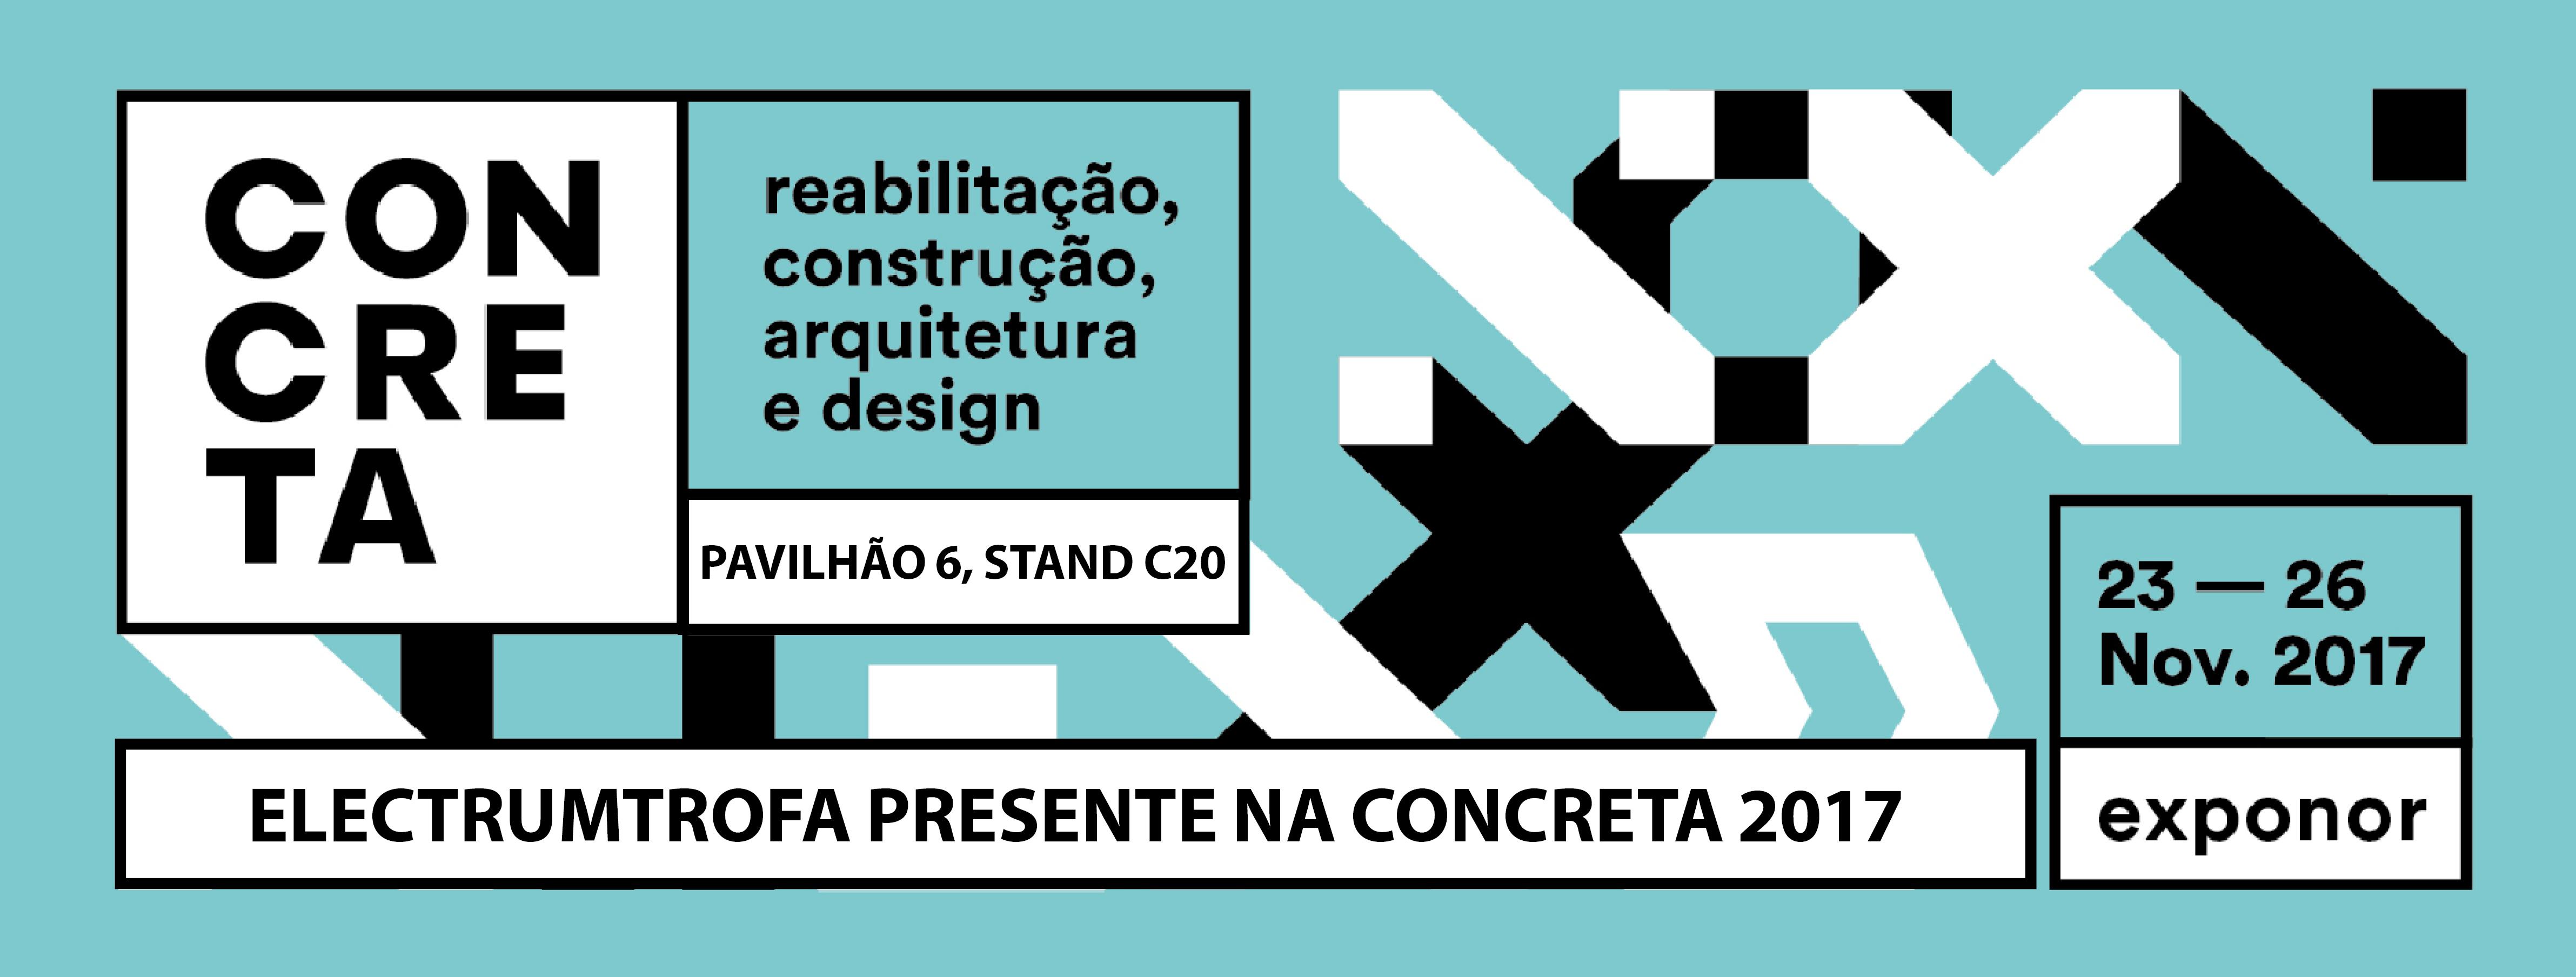 Concreta-2017_pt